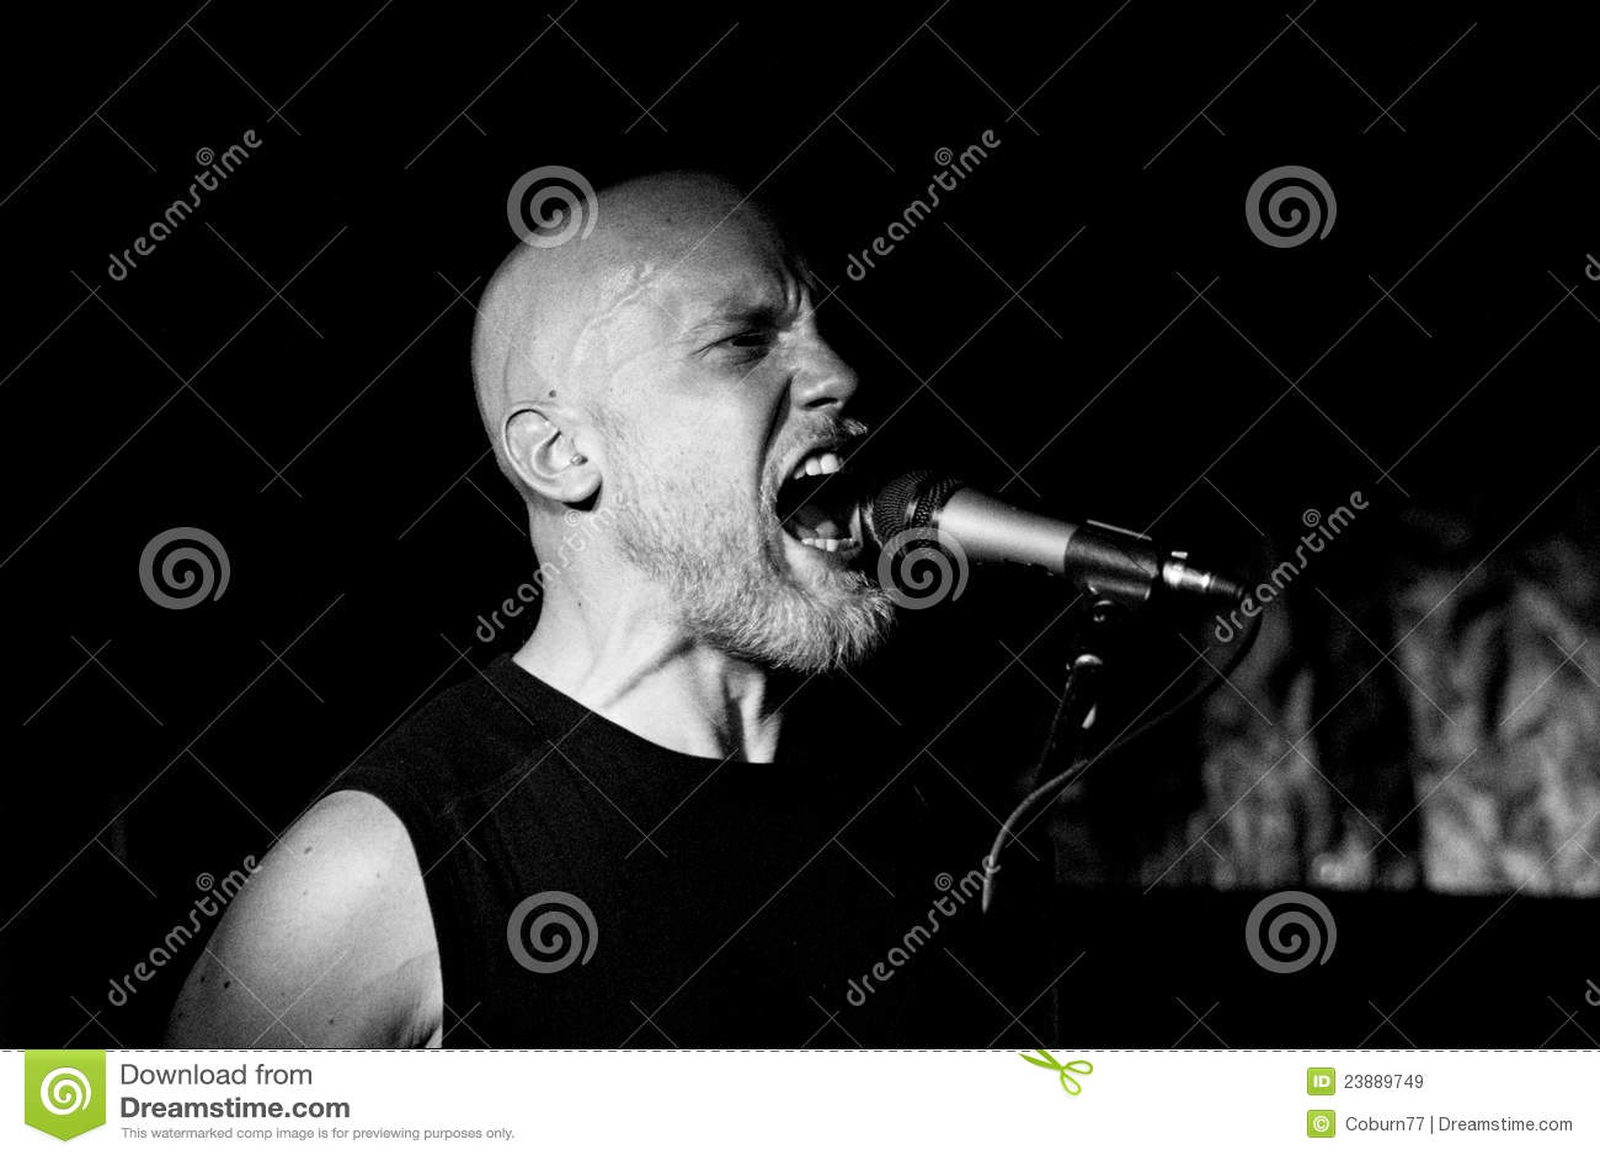 Heavy Metal - Bloodwork